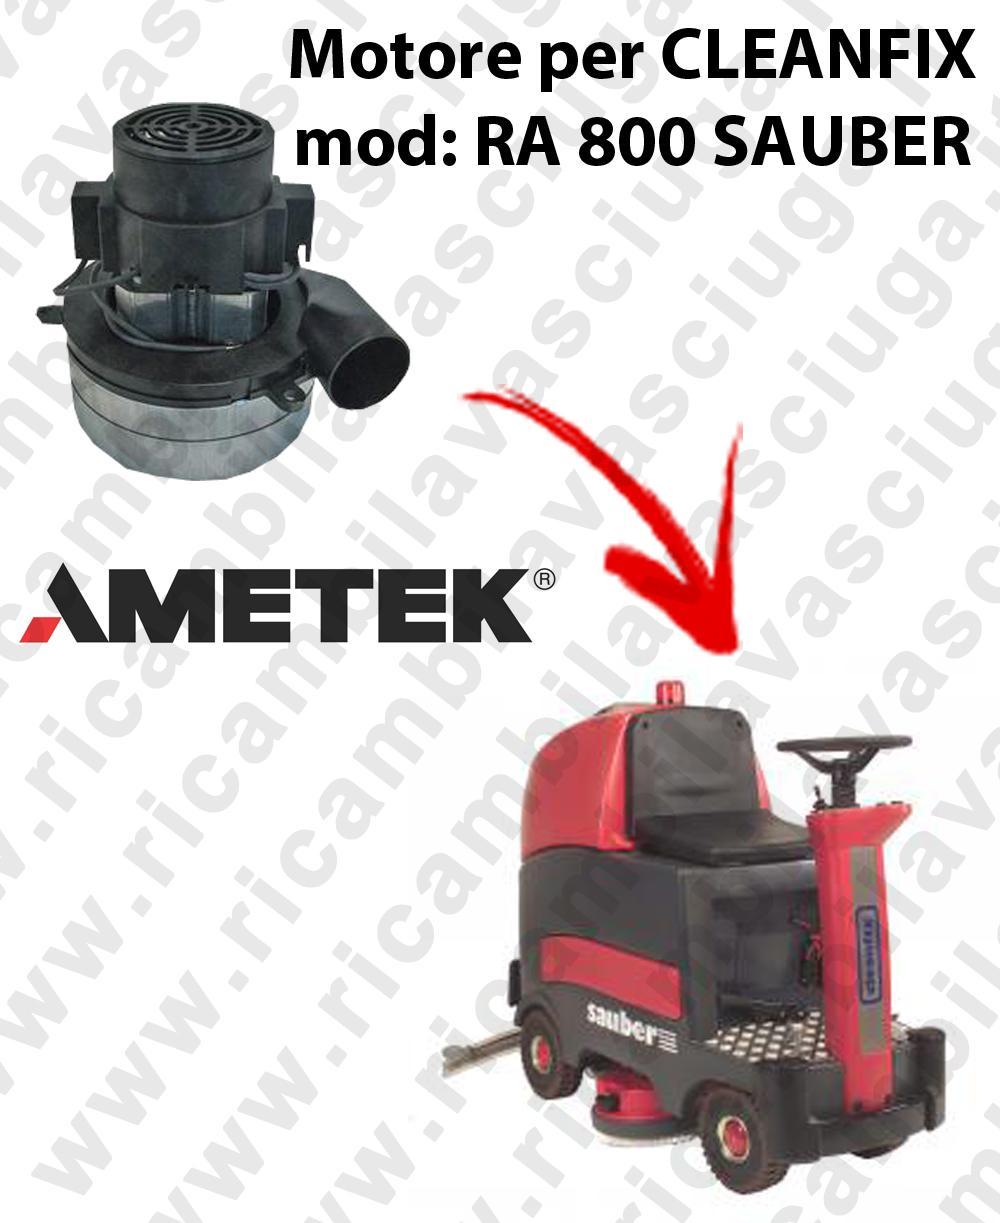 RA 800 SAUBER Motore aspirazione AMETEK ITALIA per lavapavimenti CLEANFIX